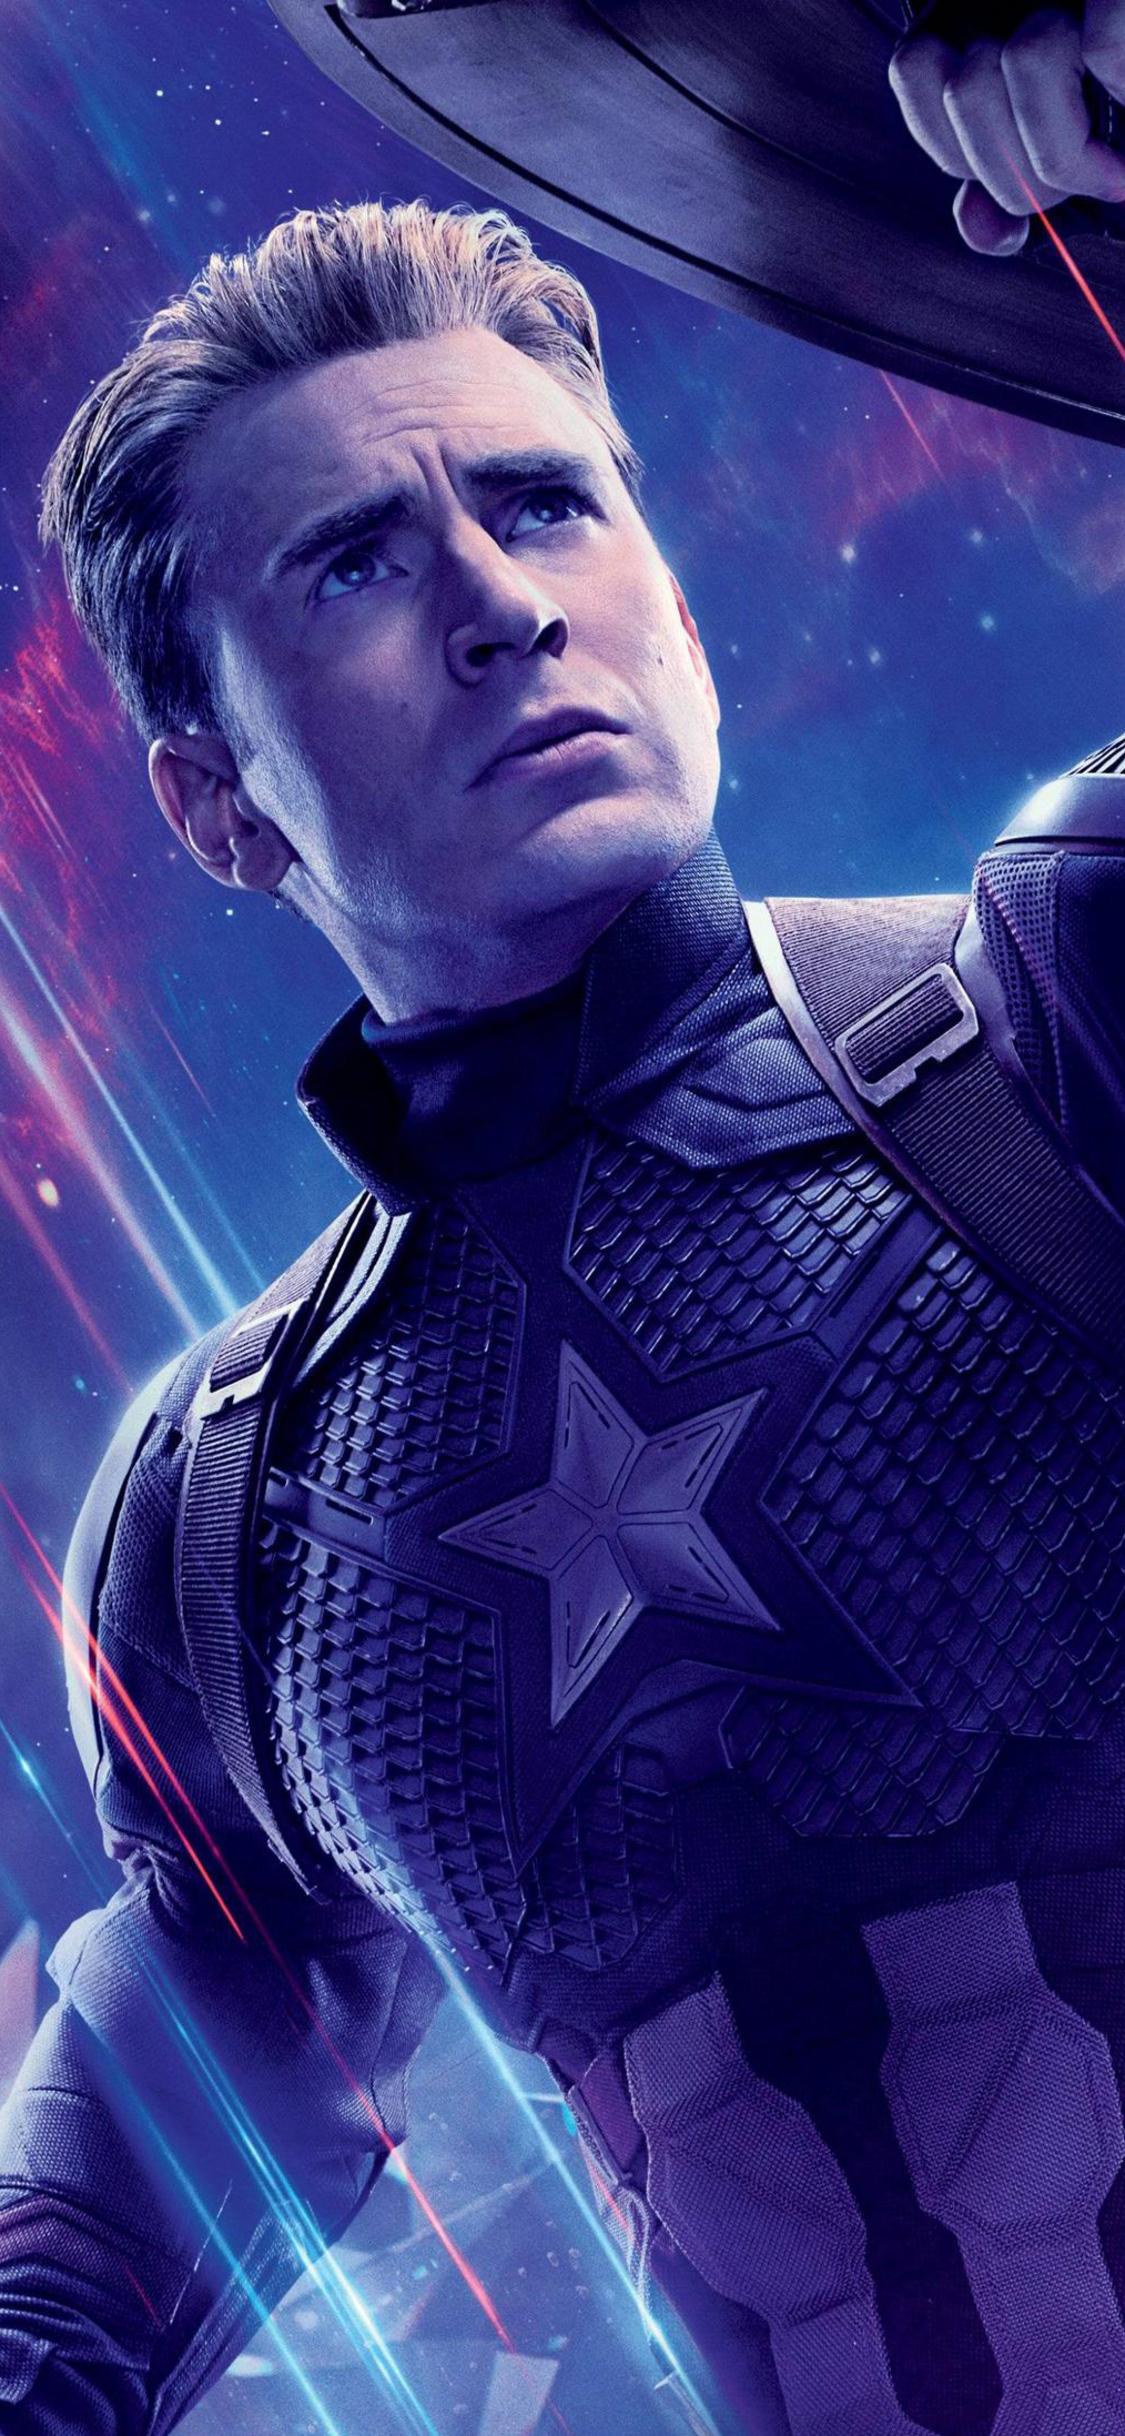 Captain America In Avengers Endgame - Avengers Endgame Captain America , HD Wallpaper & Backgrounds